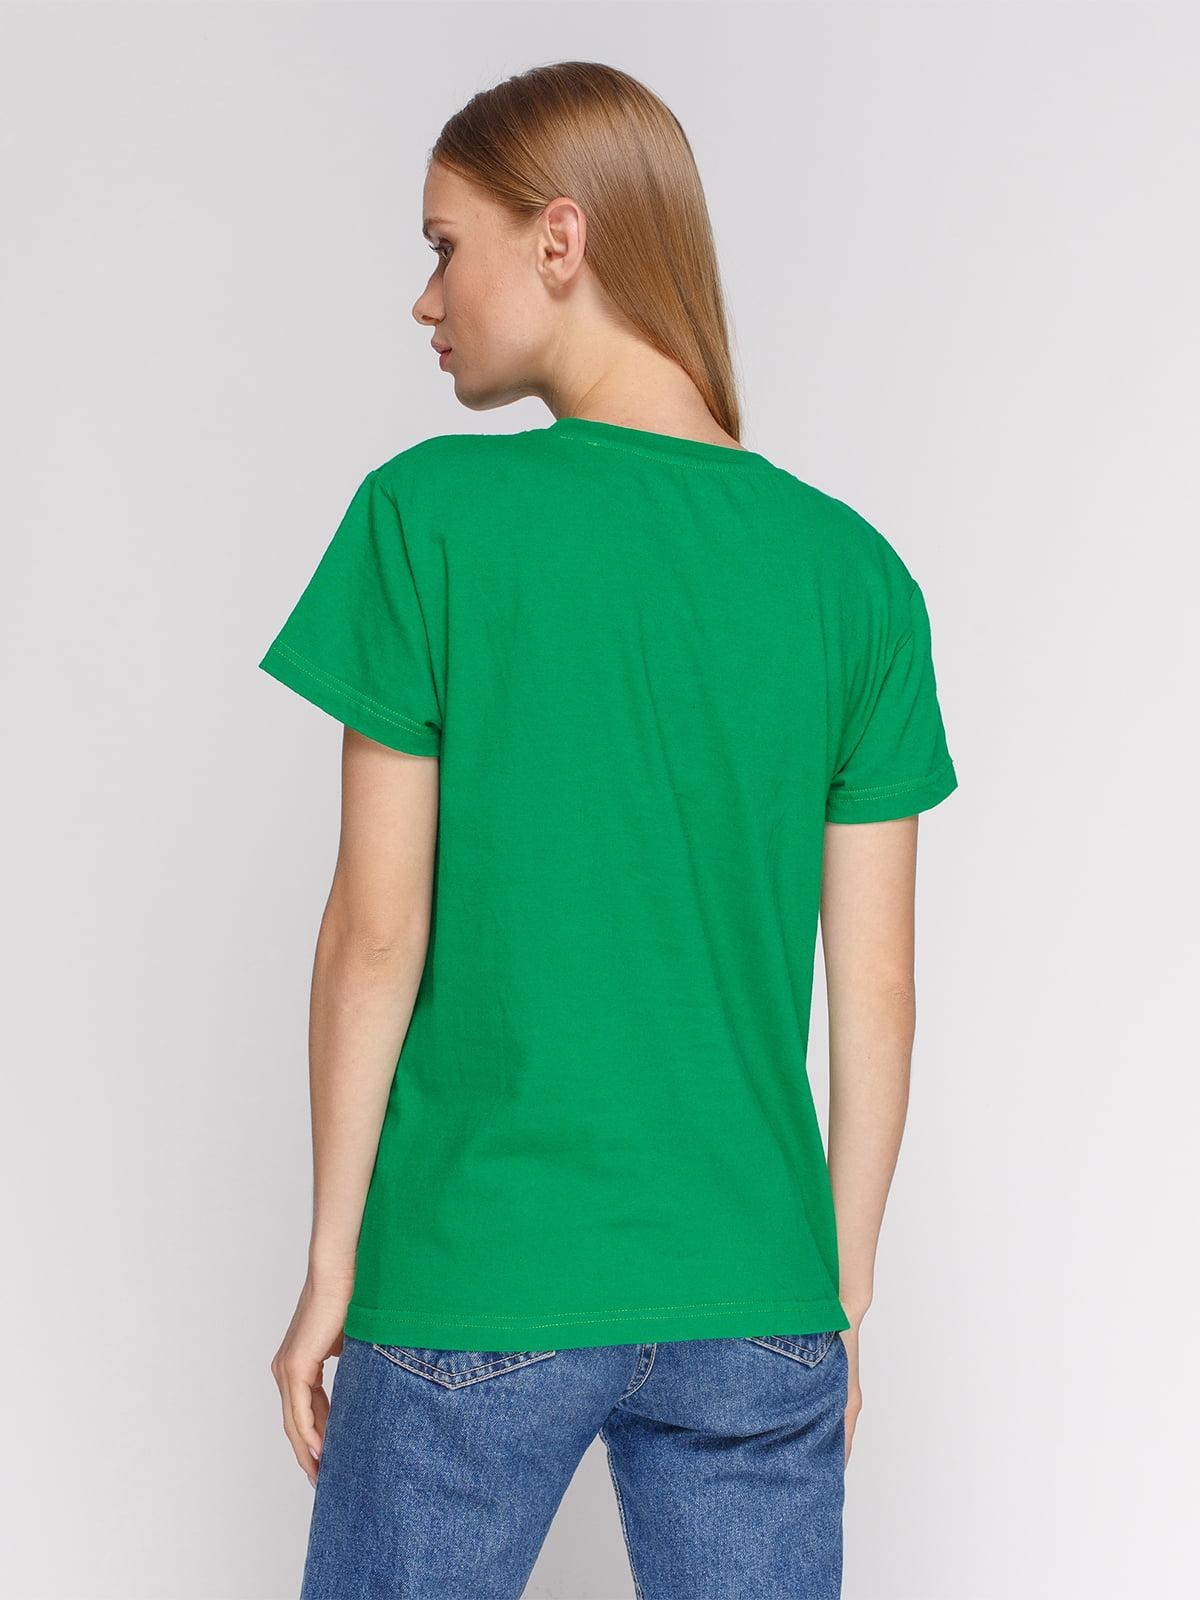 Футболка зеленая с принтом | 4578700 | фото 2